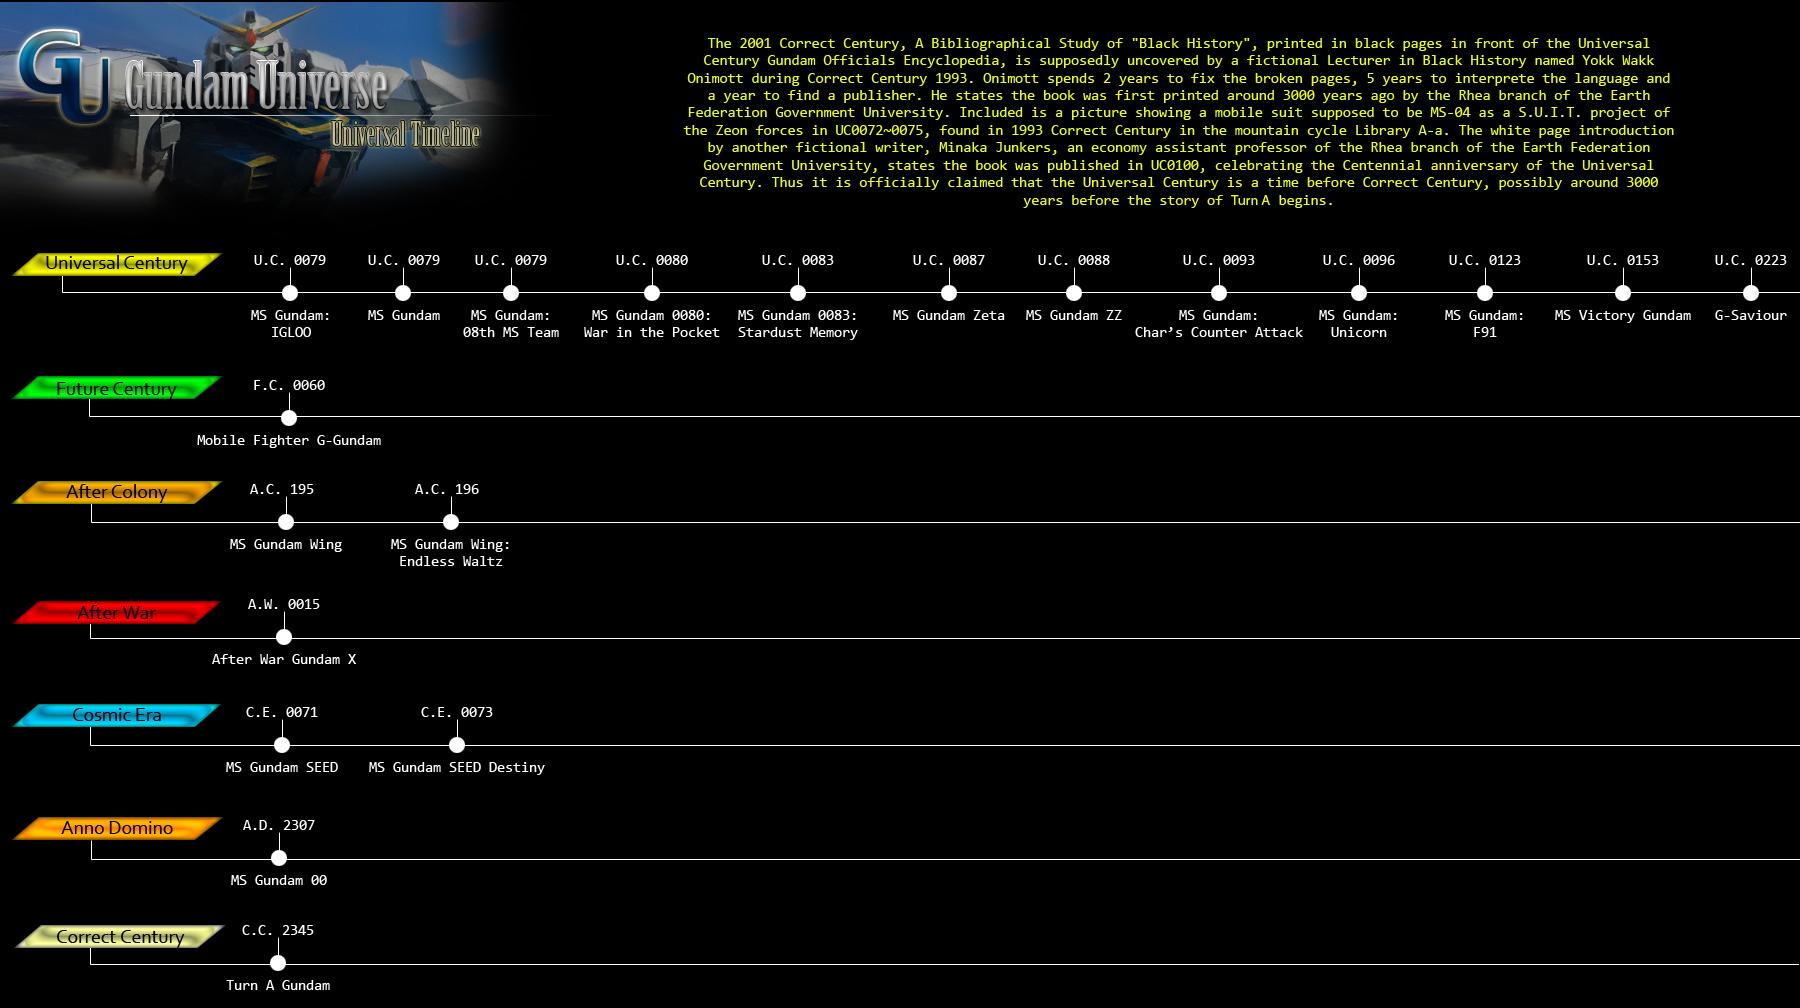 Gundam universe timeline by dadesigner on deviantart